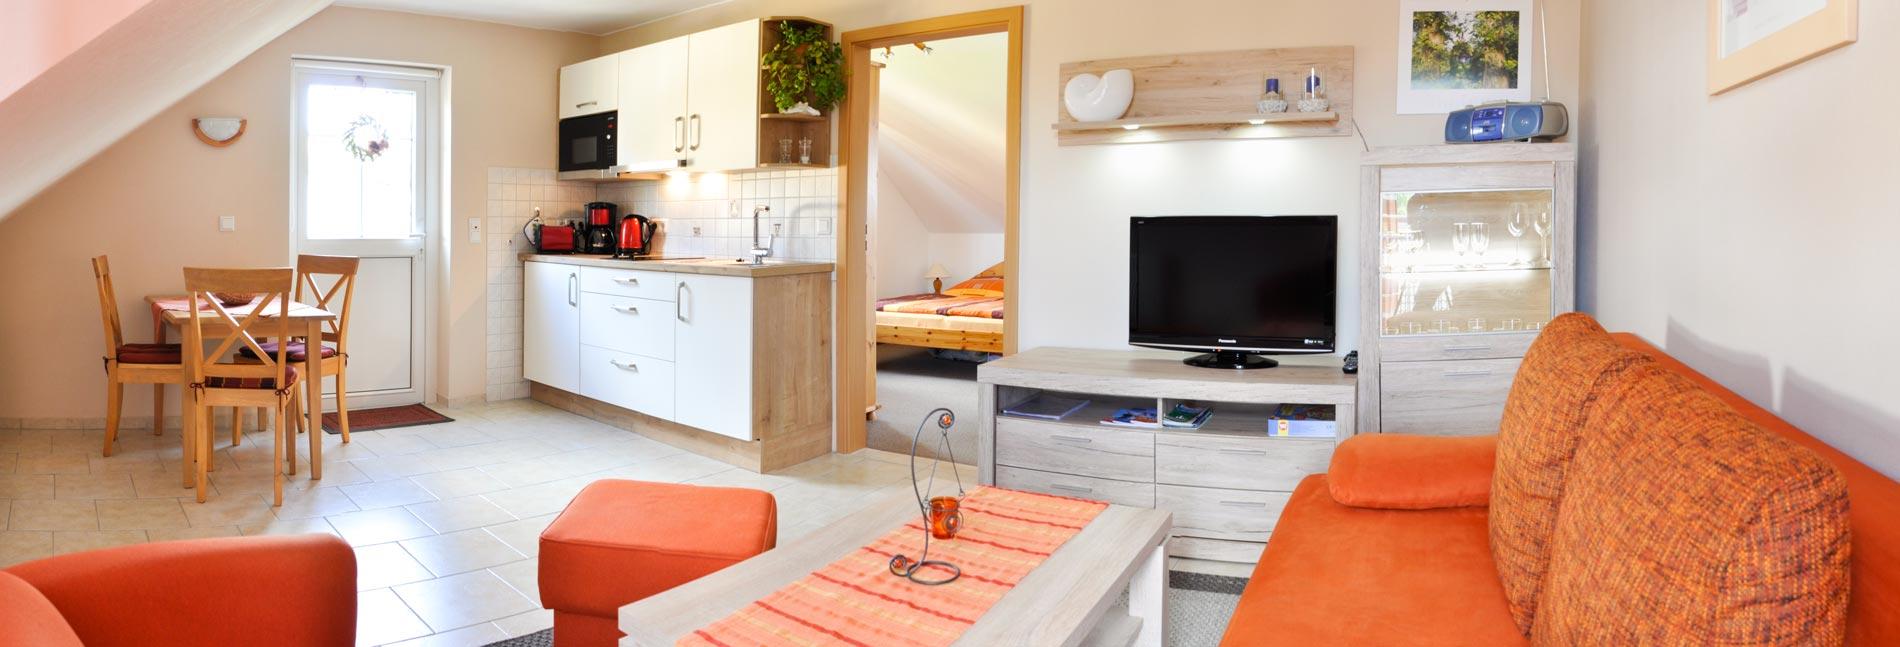 panorama-ferienwohnung-wohn-kueche_small